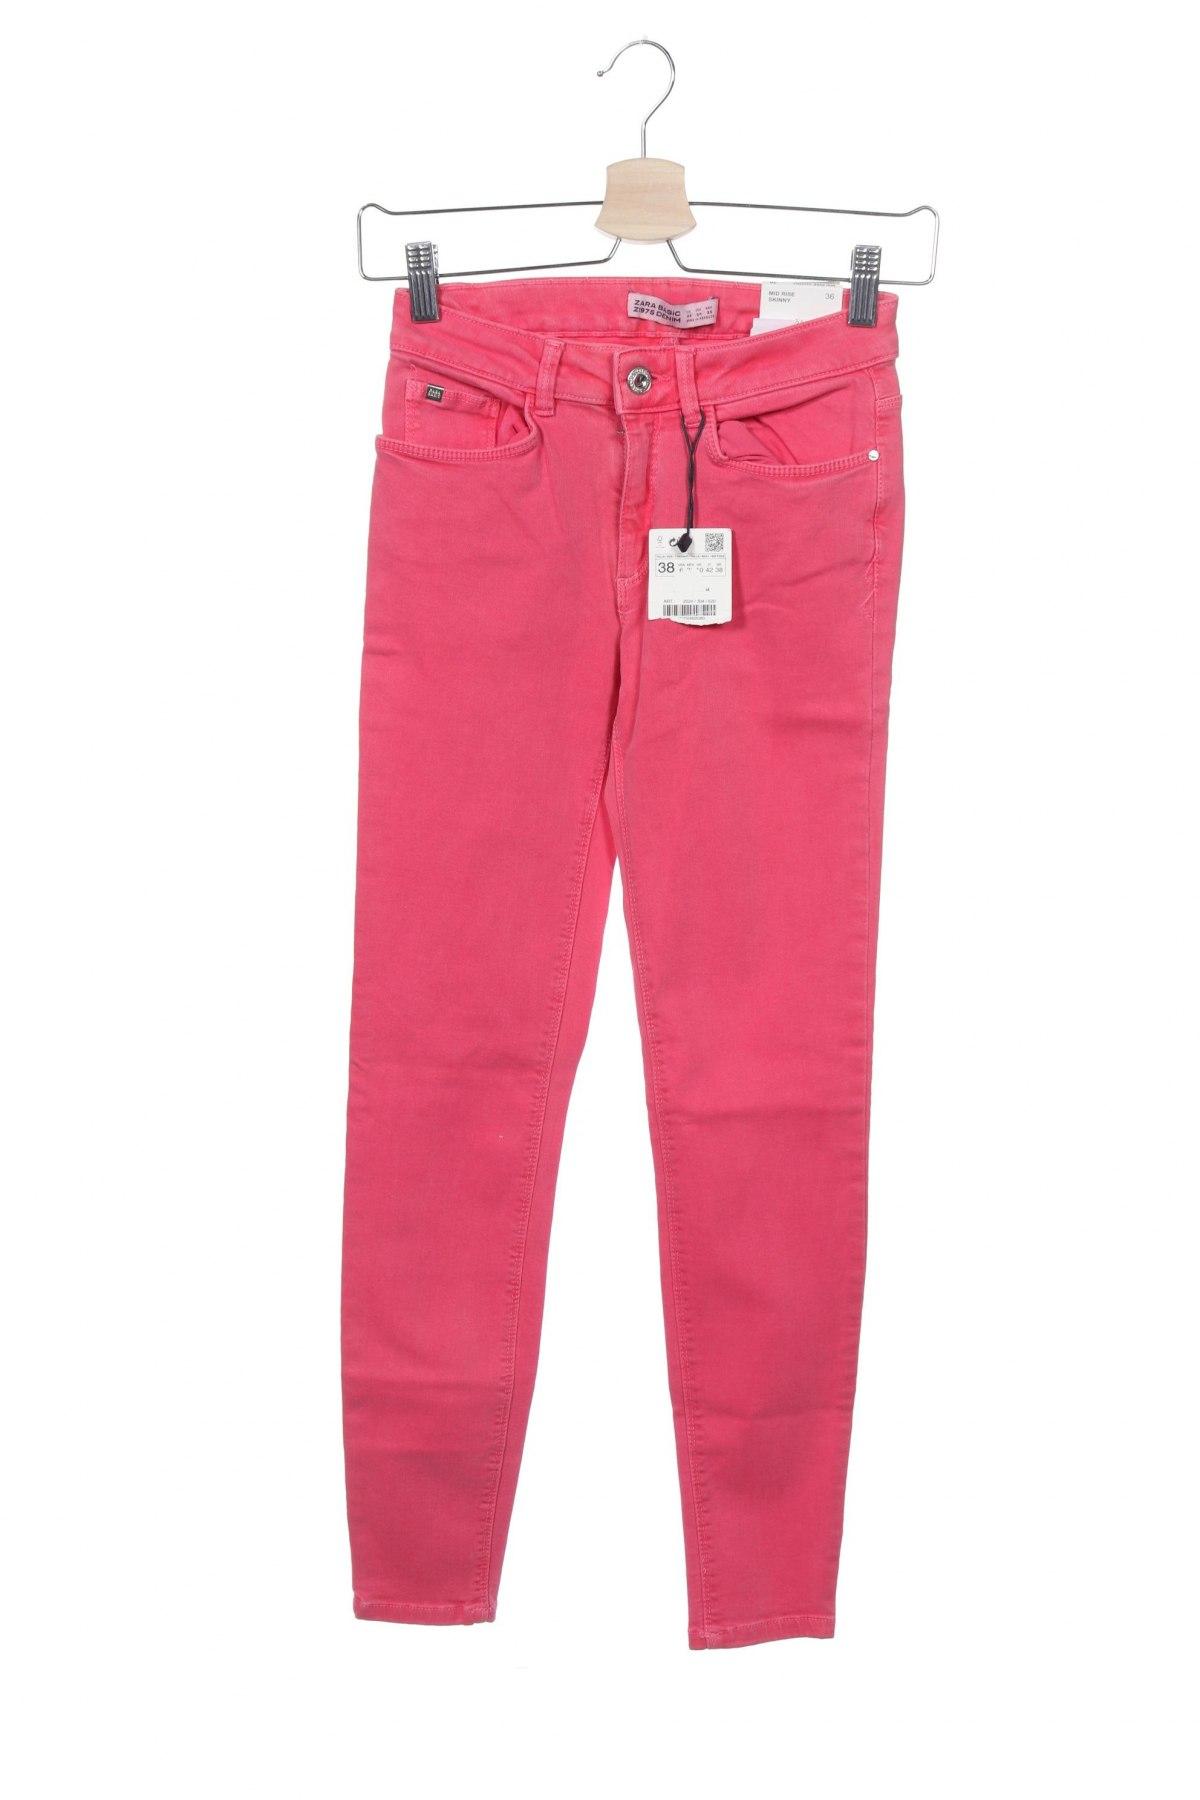 Дамски дънки Zara, Размер XS, Цвят Розов, 91% памук, 6% полиестер, 3% еластан, Цена 22,05лв.